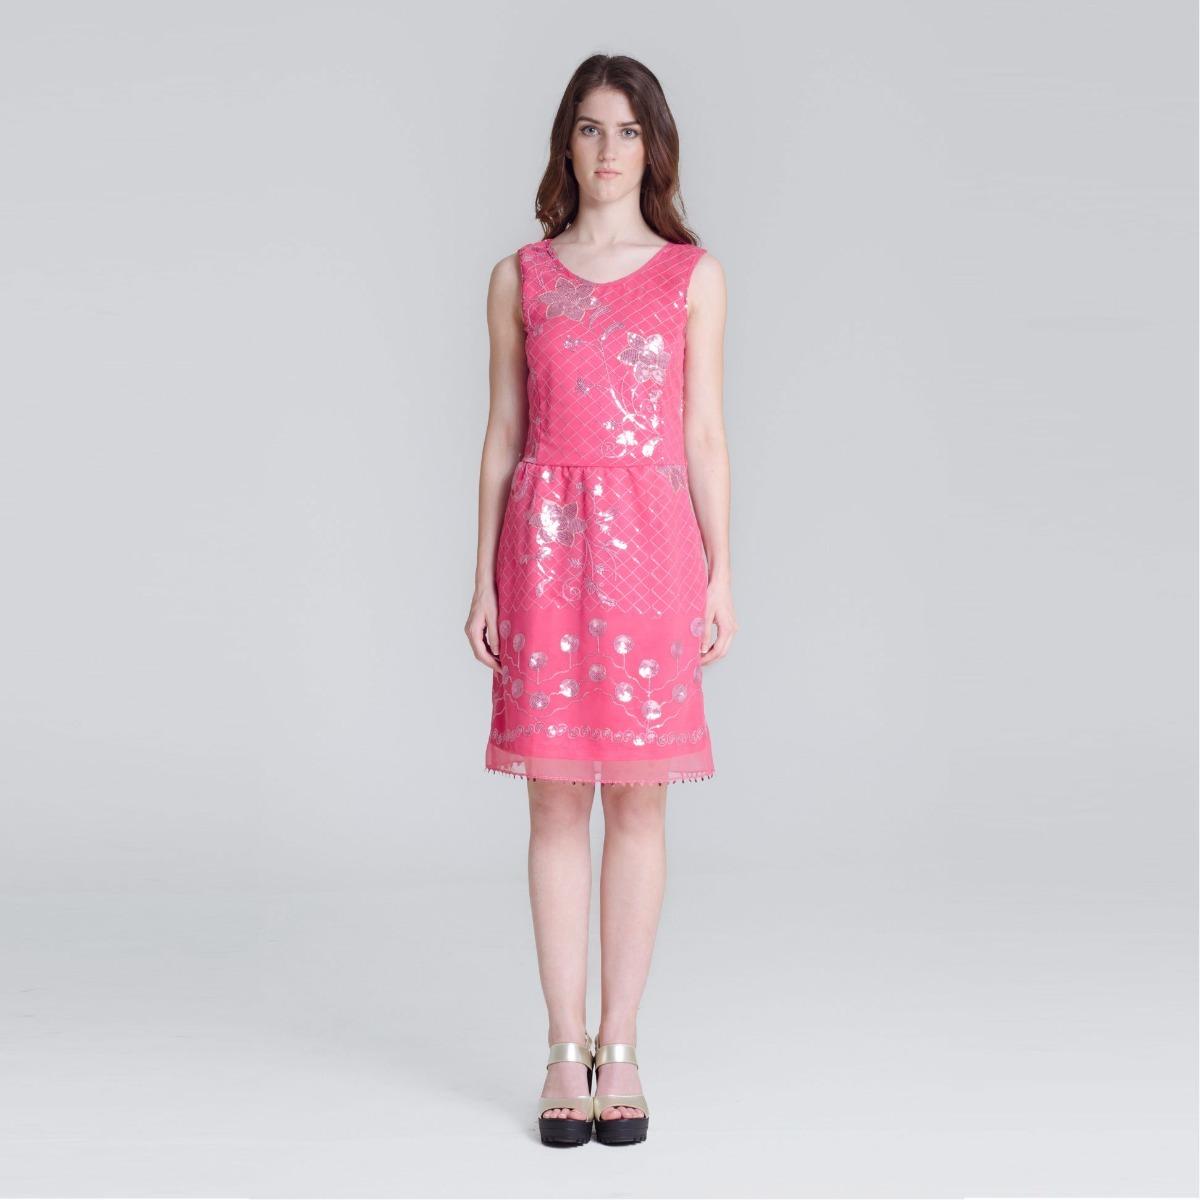 Encantador Vestidos De Fiesta únicos Inspiración - Ideas de Vestido ...